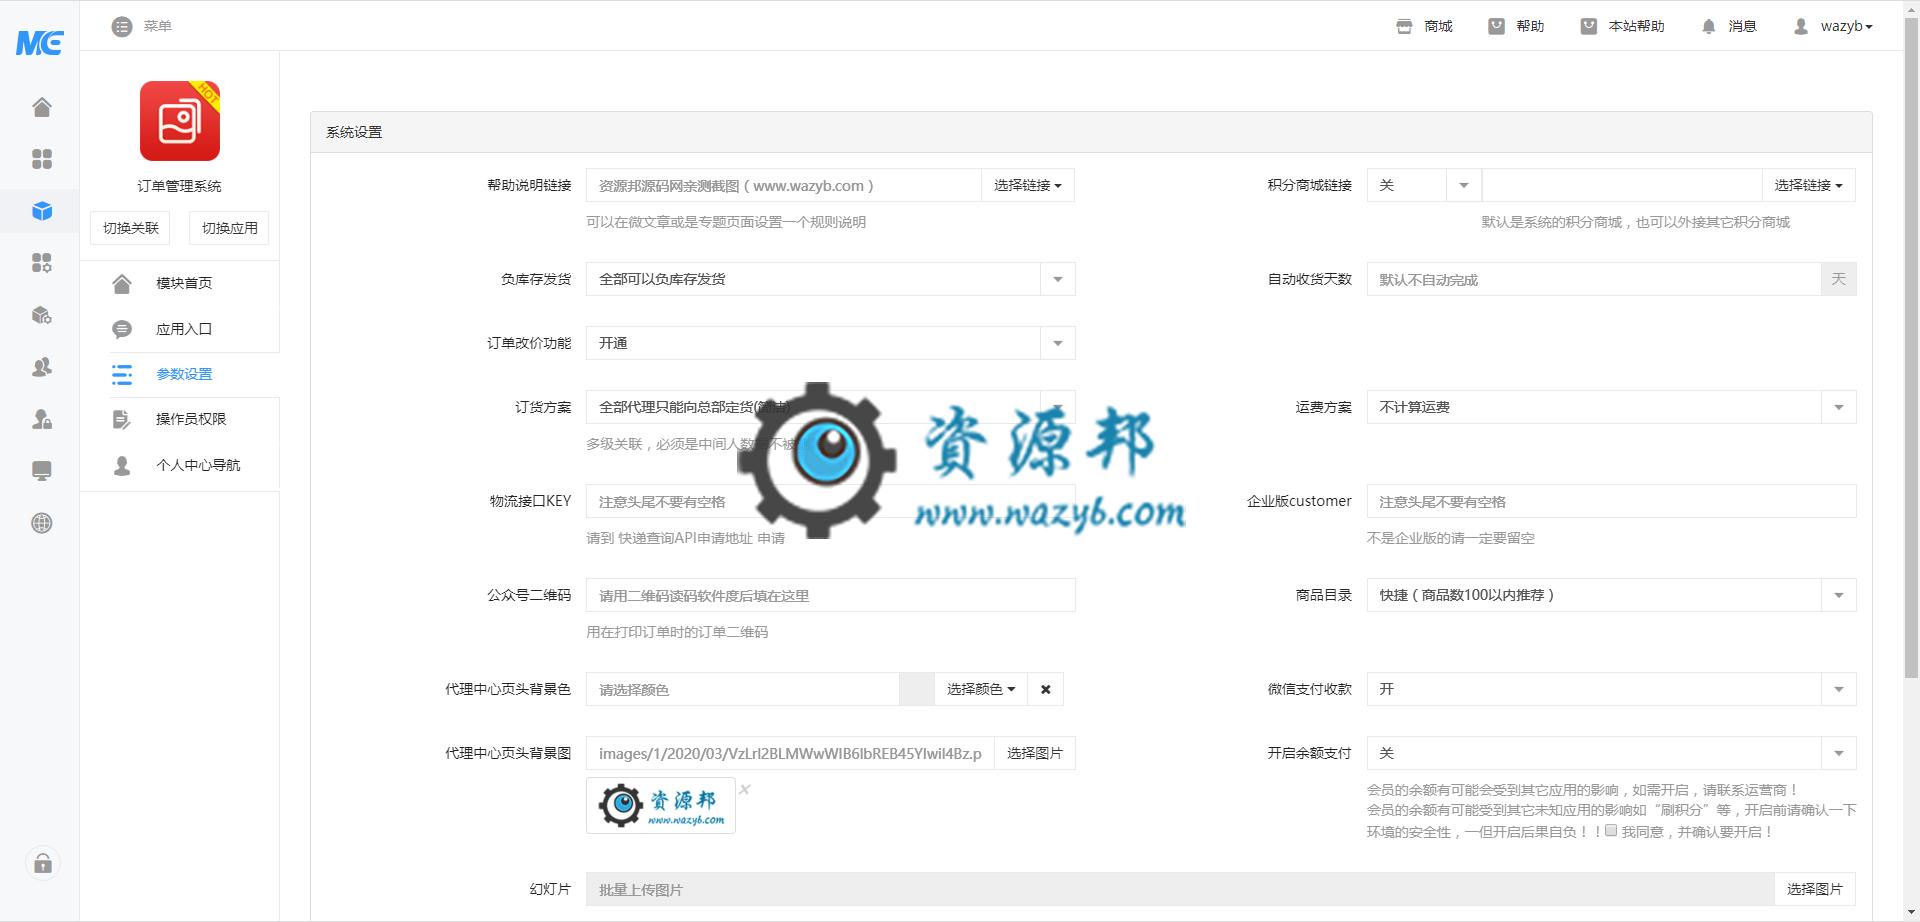 【公众号应用】订单管理系统V1.3.2源码安装包,更新UI,新加功能 公众号应用 第2张